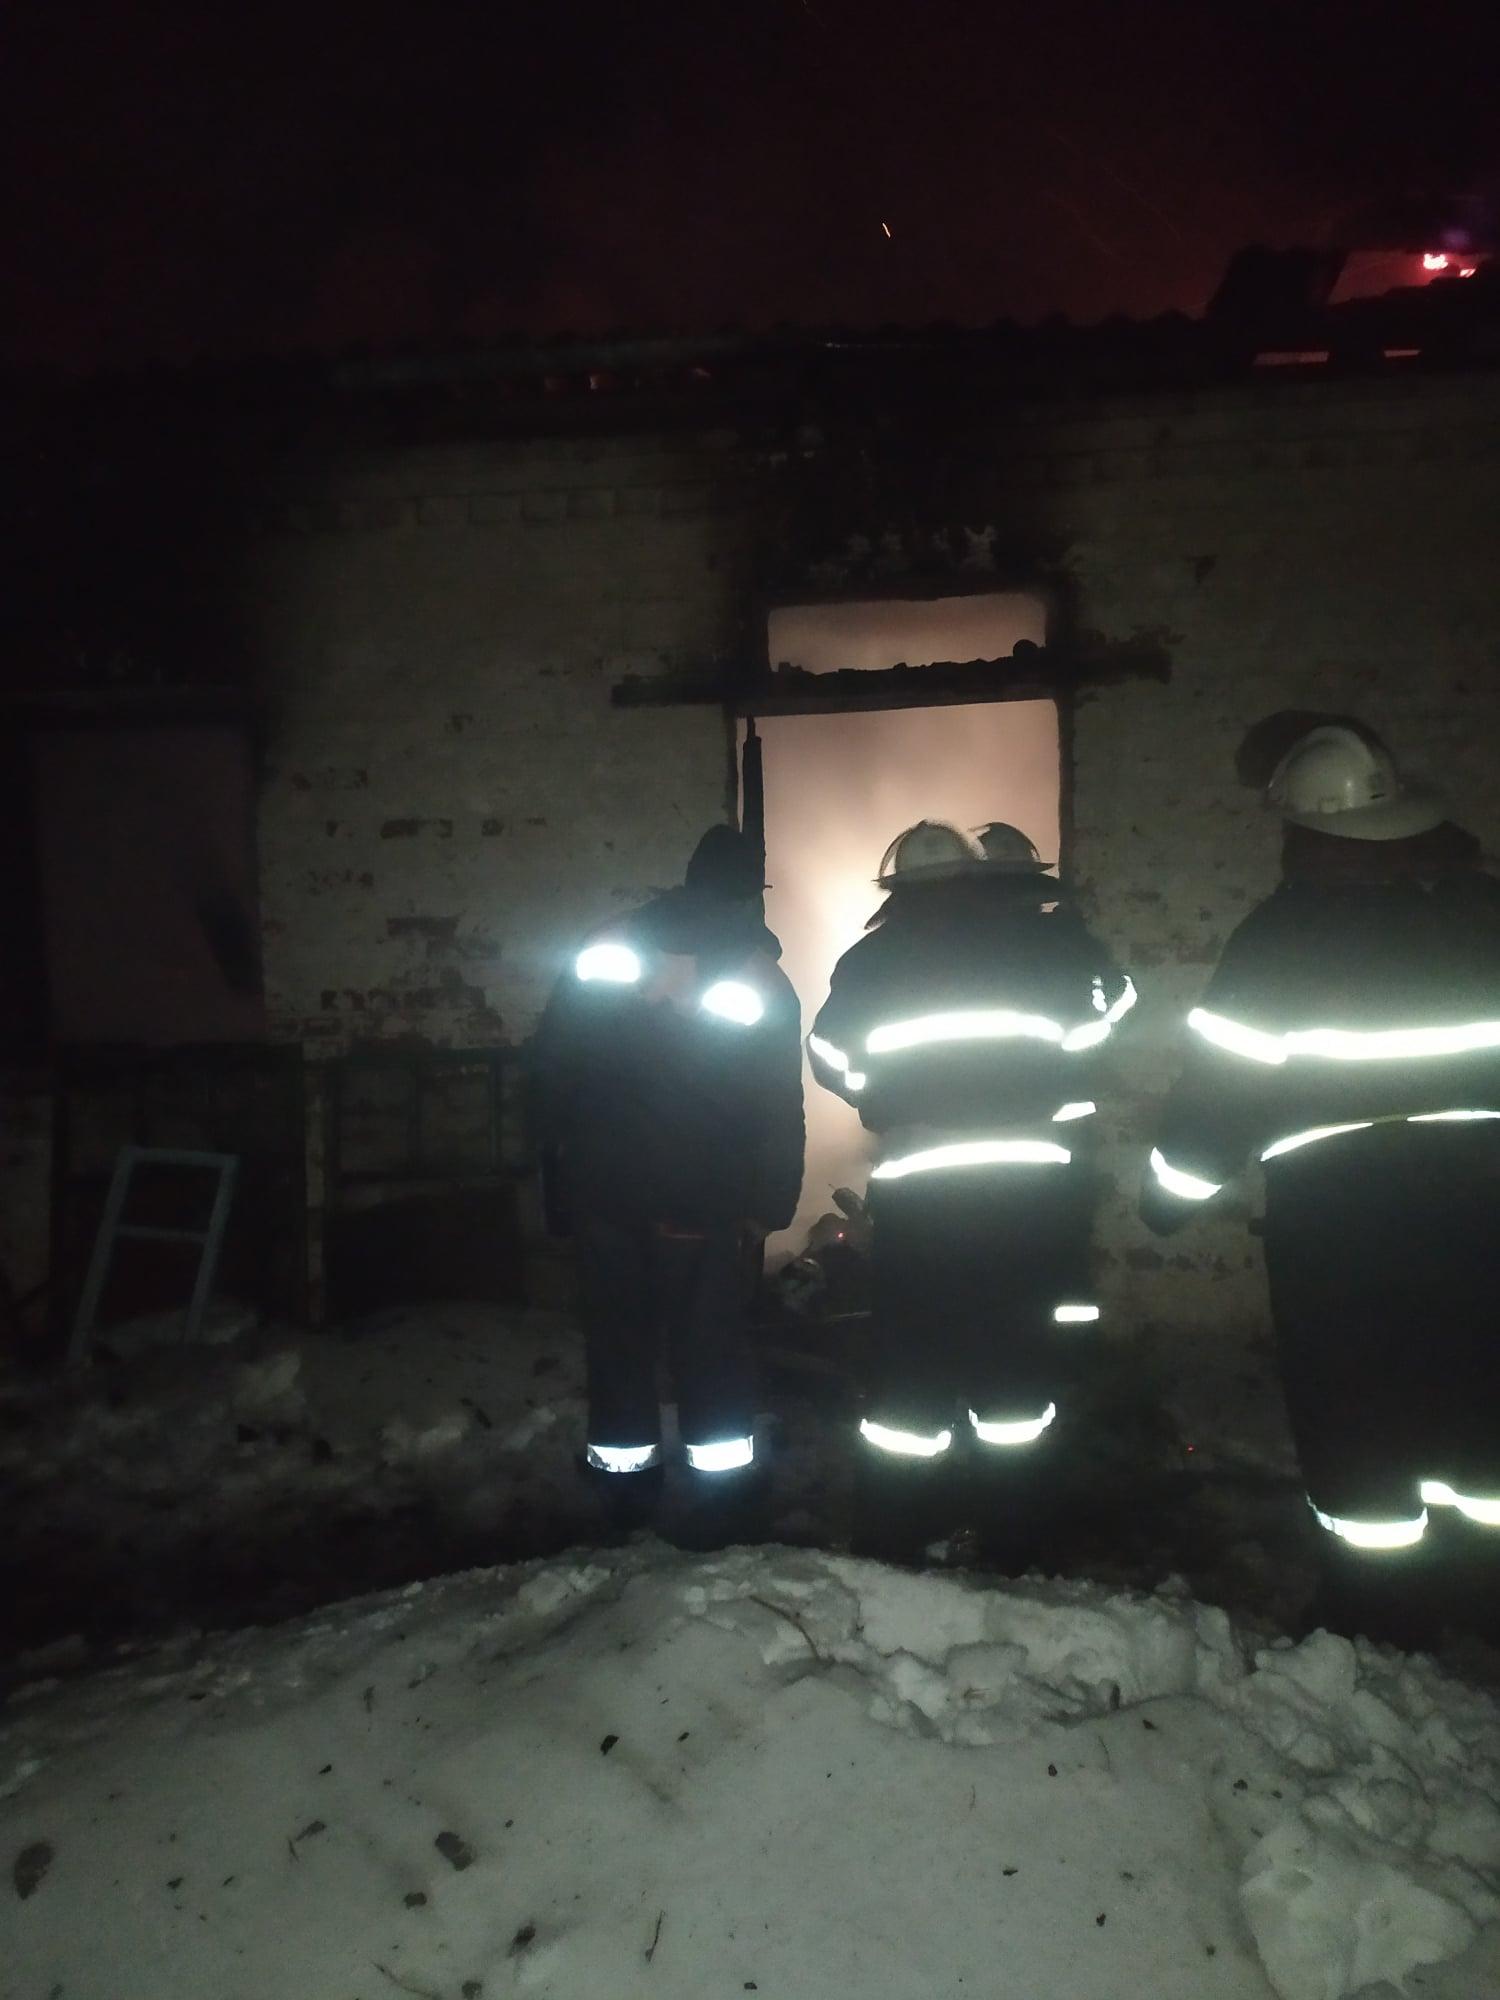 На Тетіївщині в пожежі загинула людина - тіло, Тетіїв, вогонь - 149079205 859170397995361 4714413844582692852 o